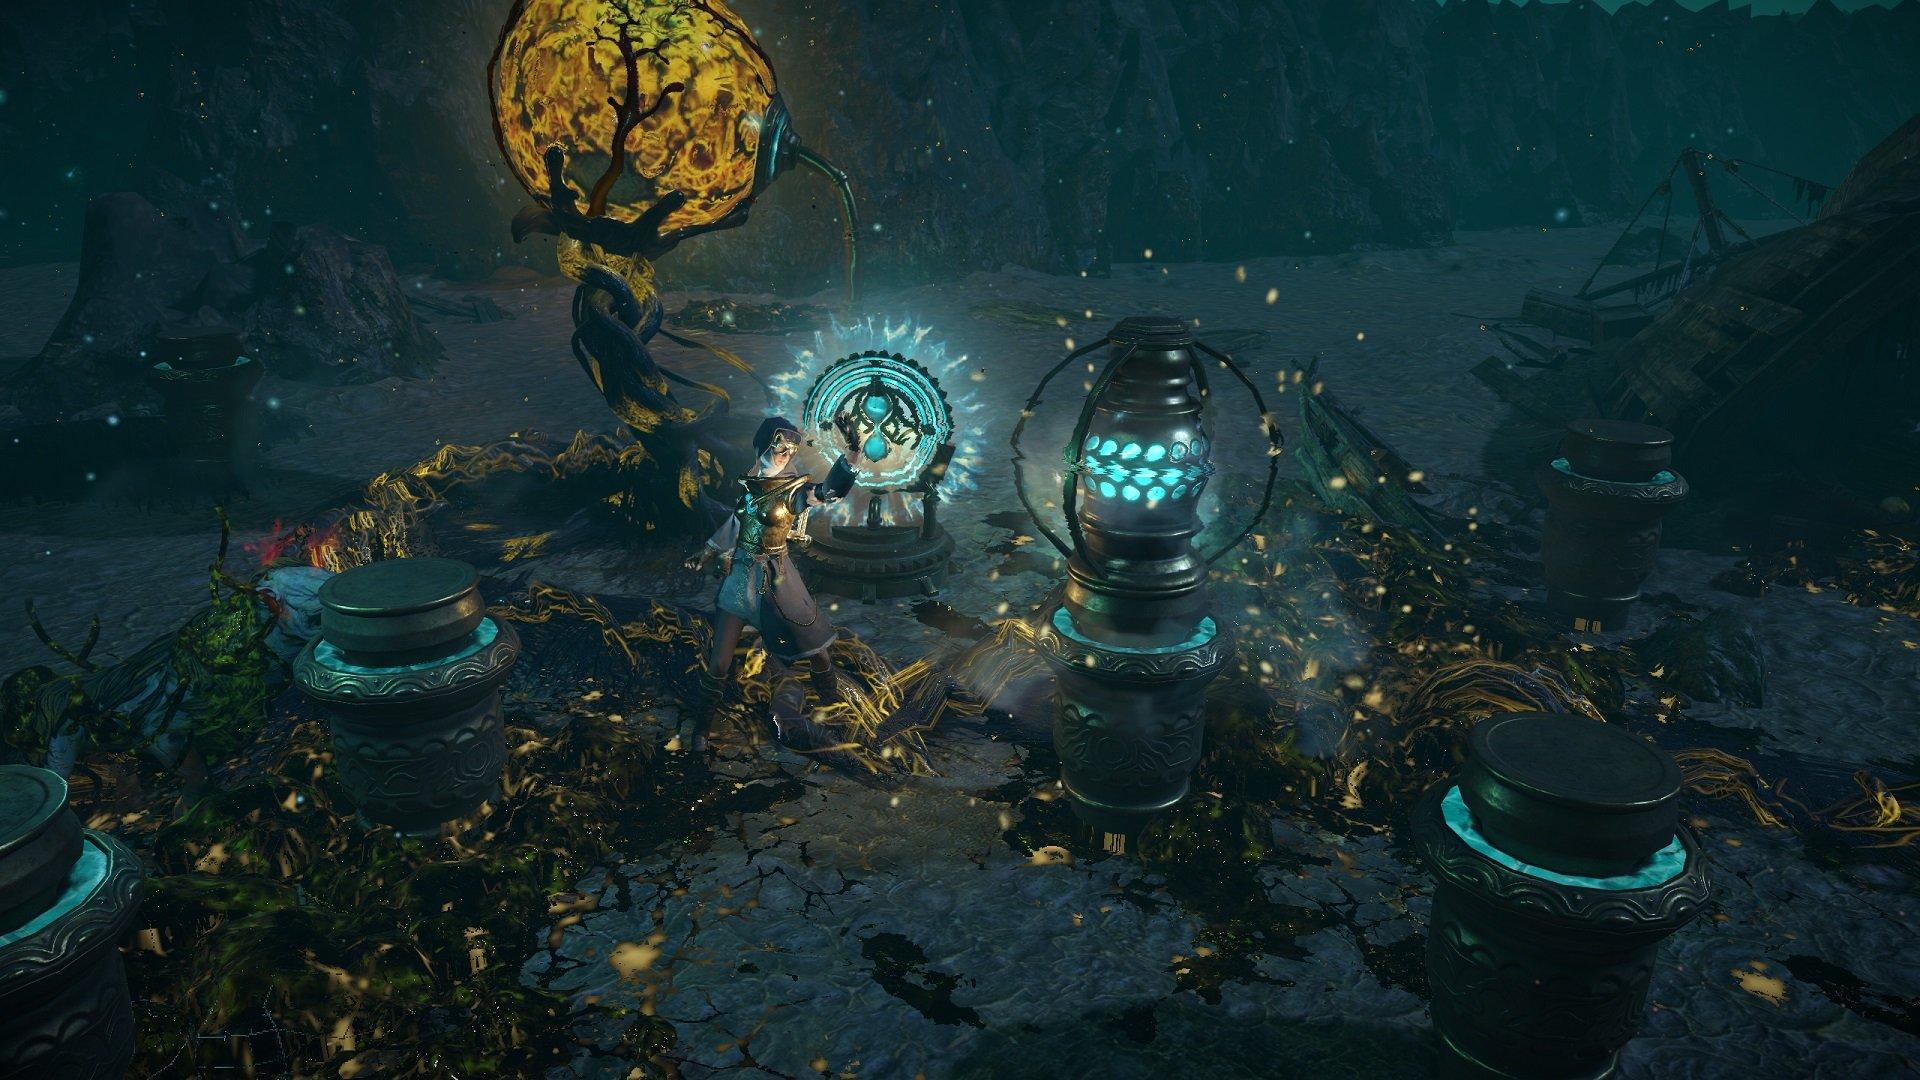 Path of Exile 3.8.0 fügt eine turmverteidigende Blight-Liga hinzu 1